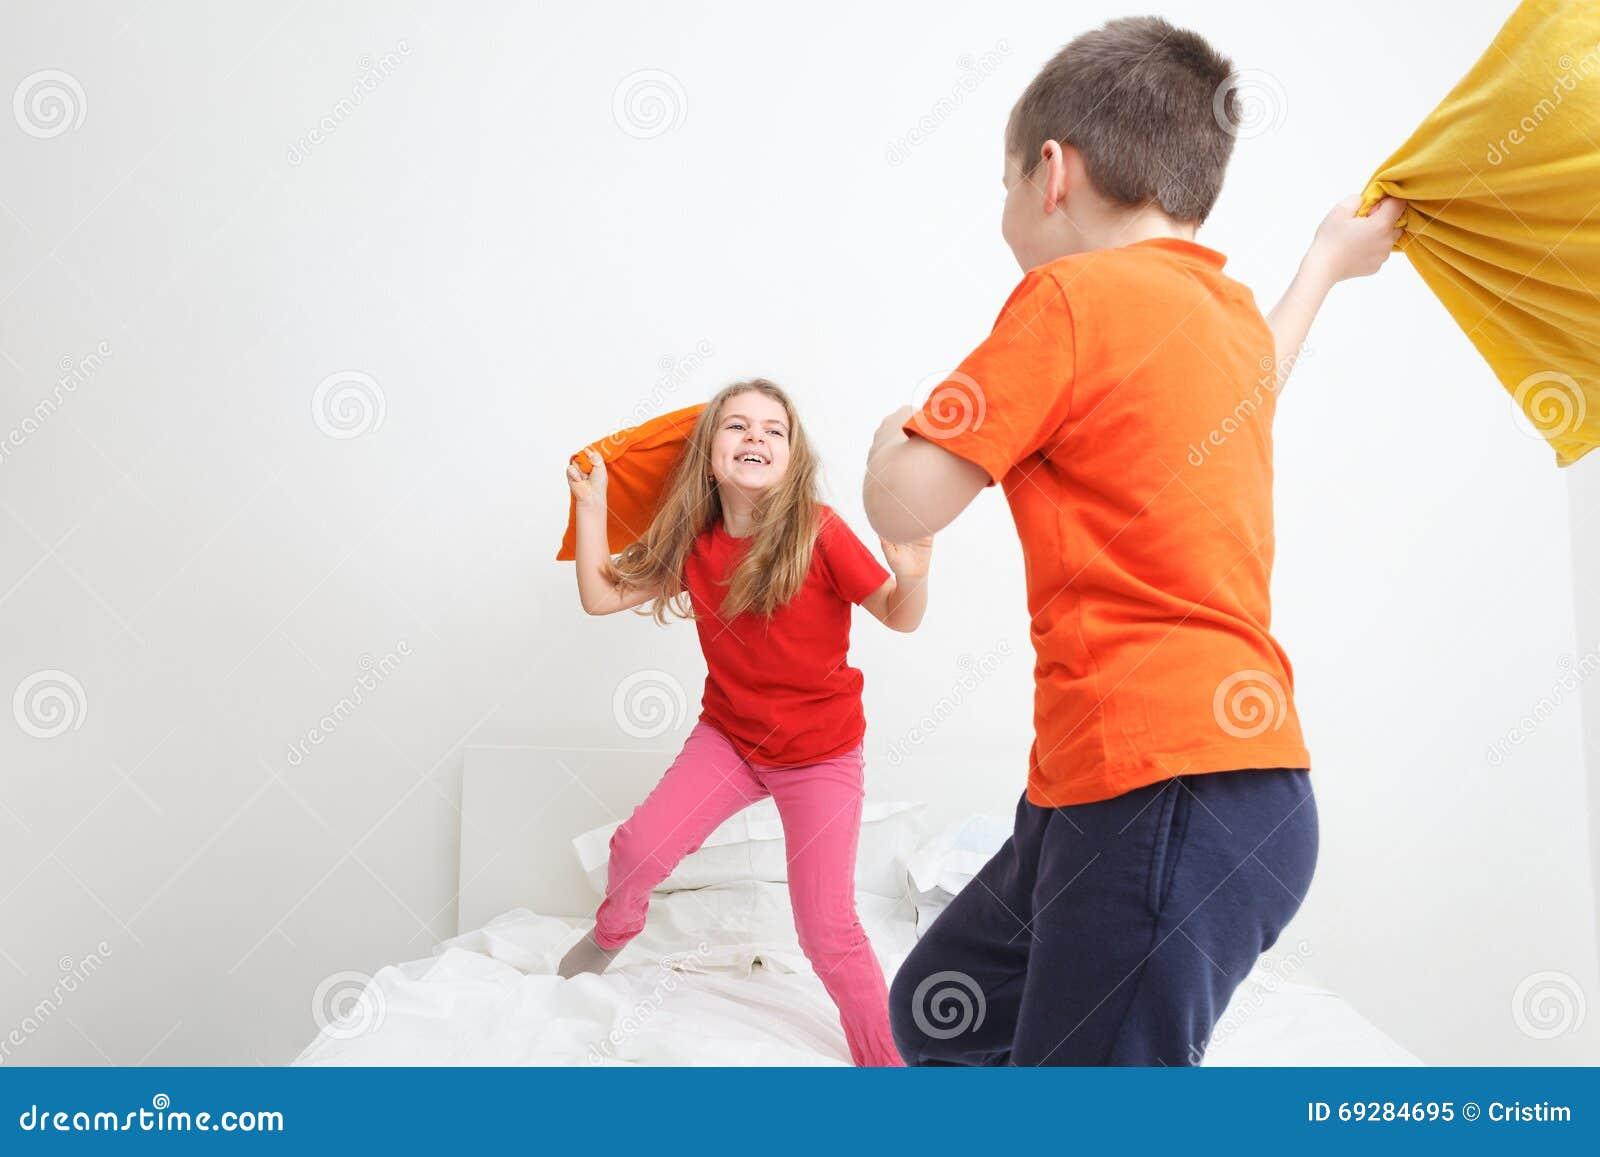 Kids pillow fight